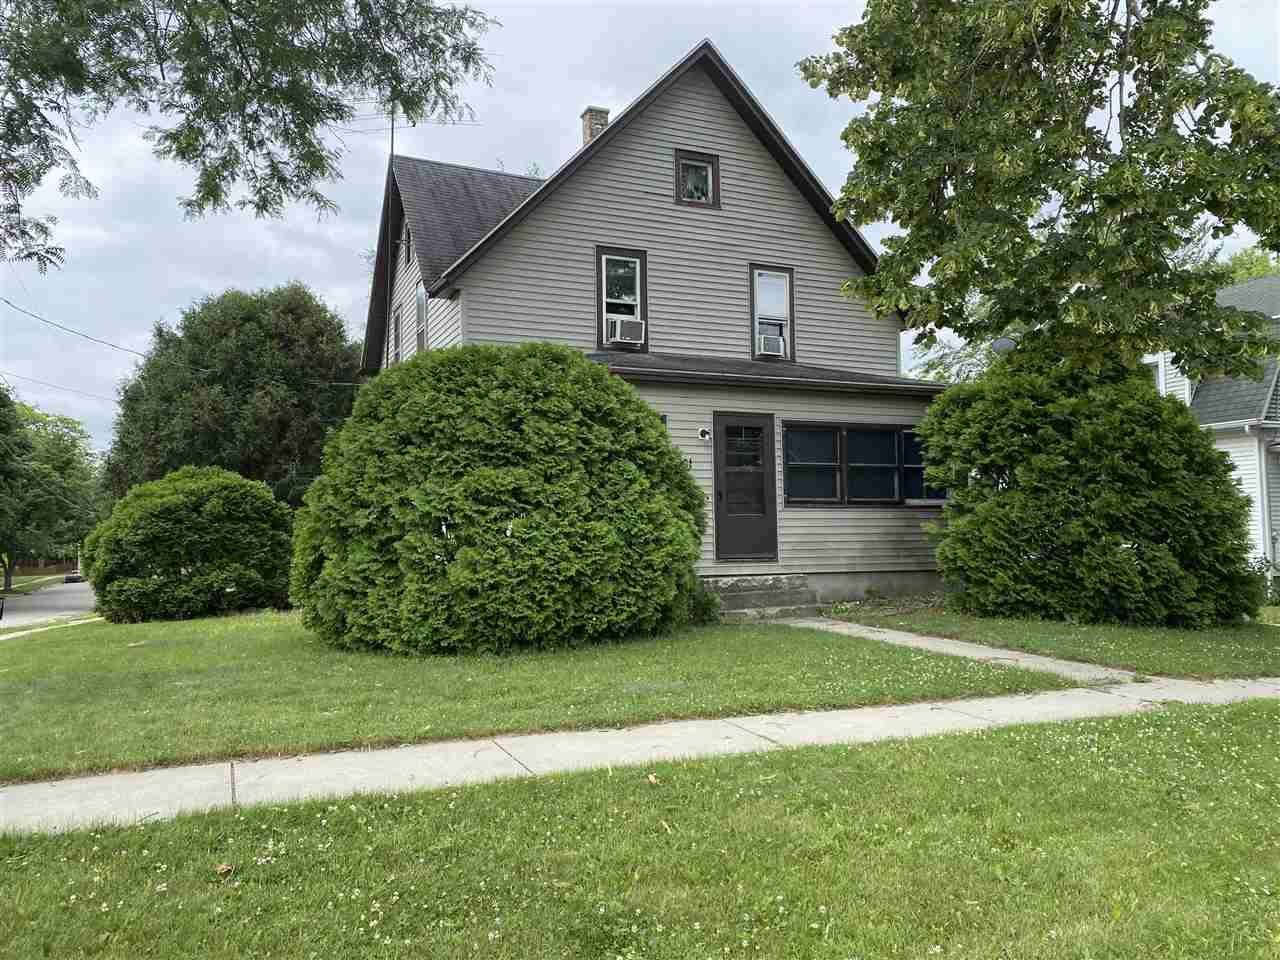 801 Van Buren St, Fort Atkinson, WI 53538 - #: 1912905